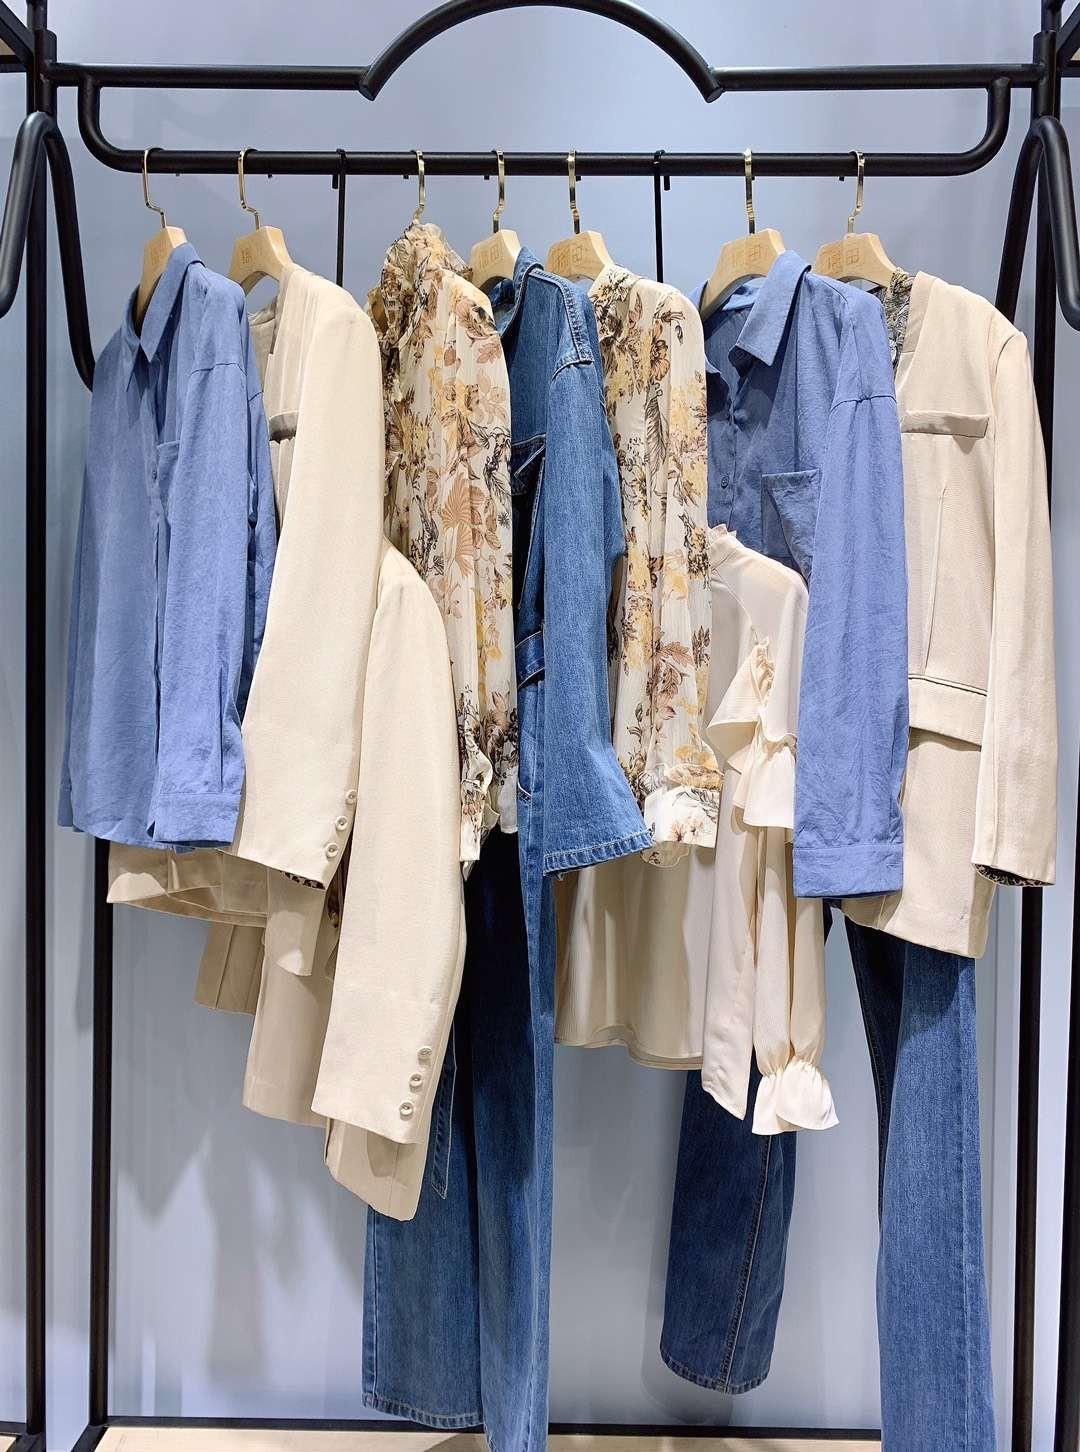 找品牌折扣女装货源到麻木,服装人还是选择了它